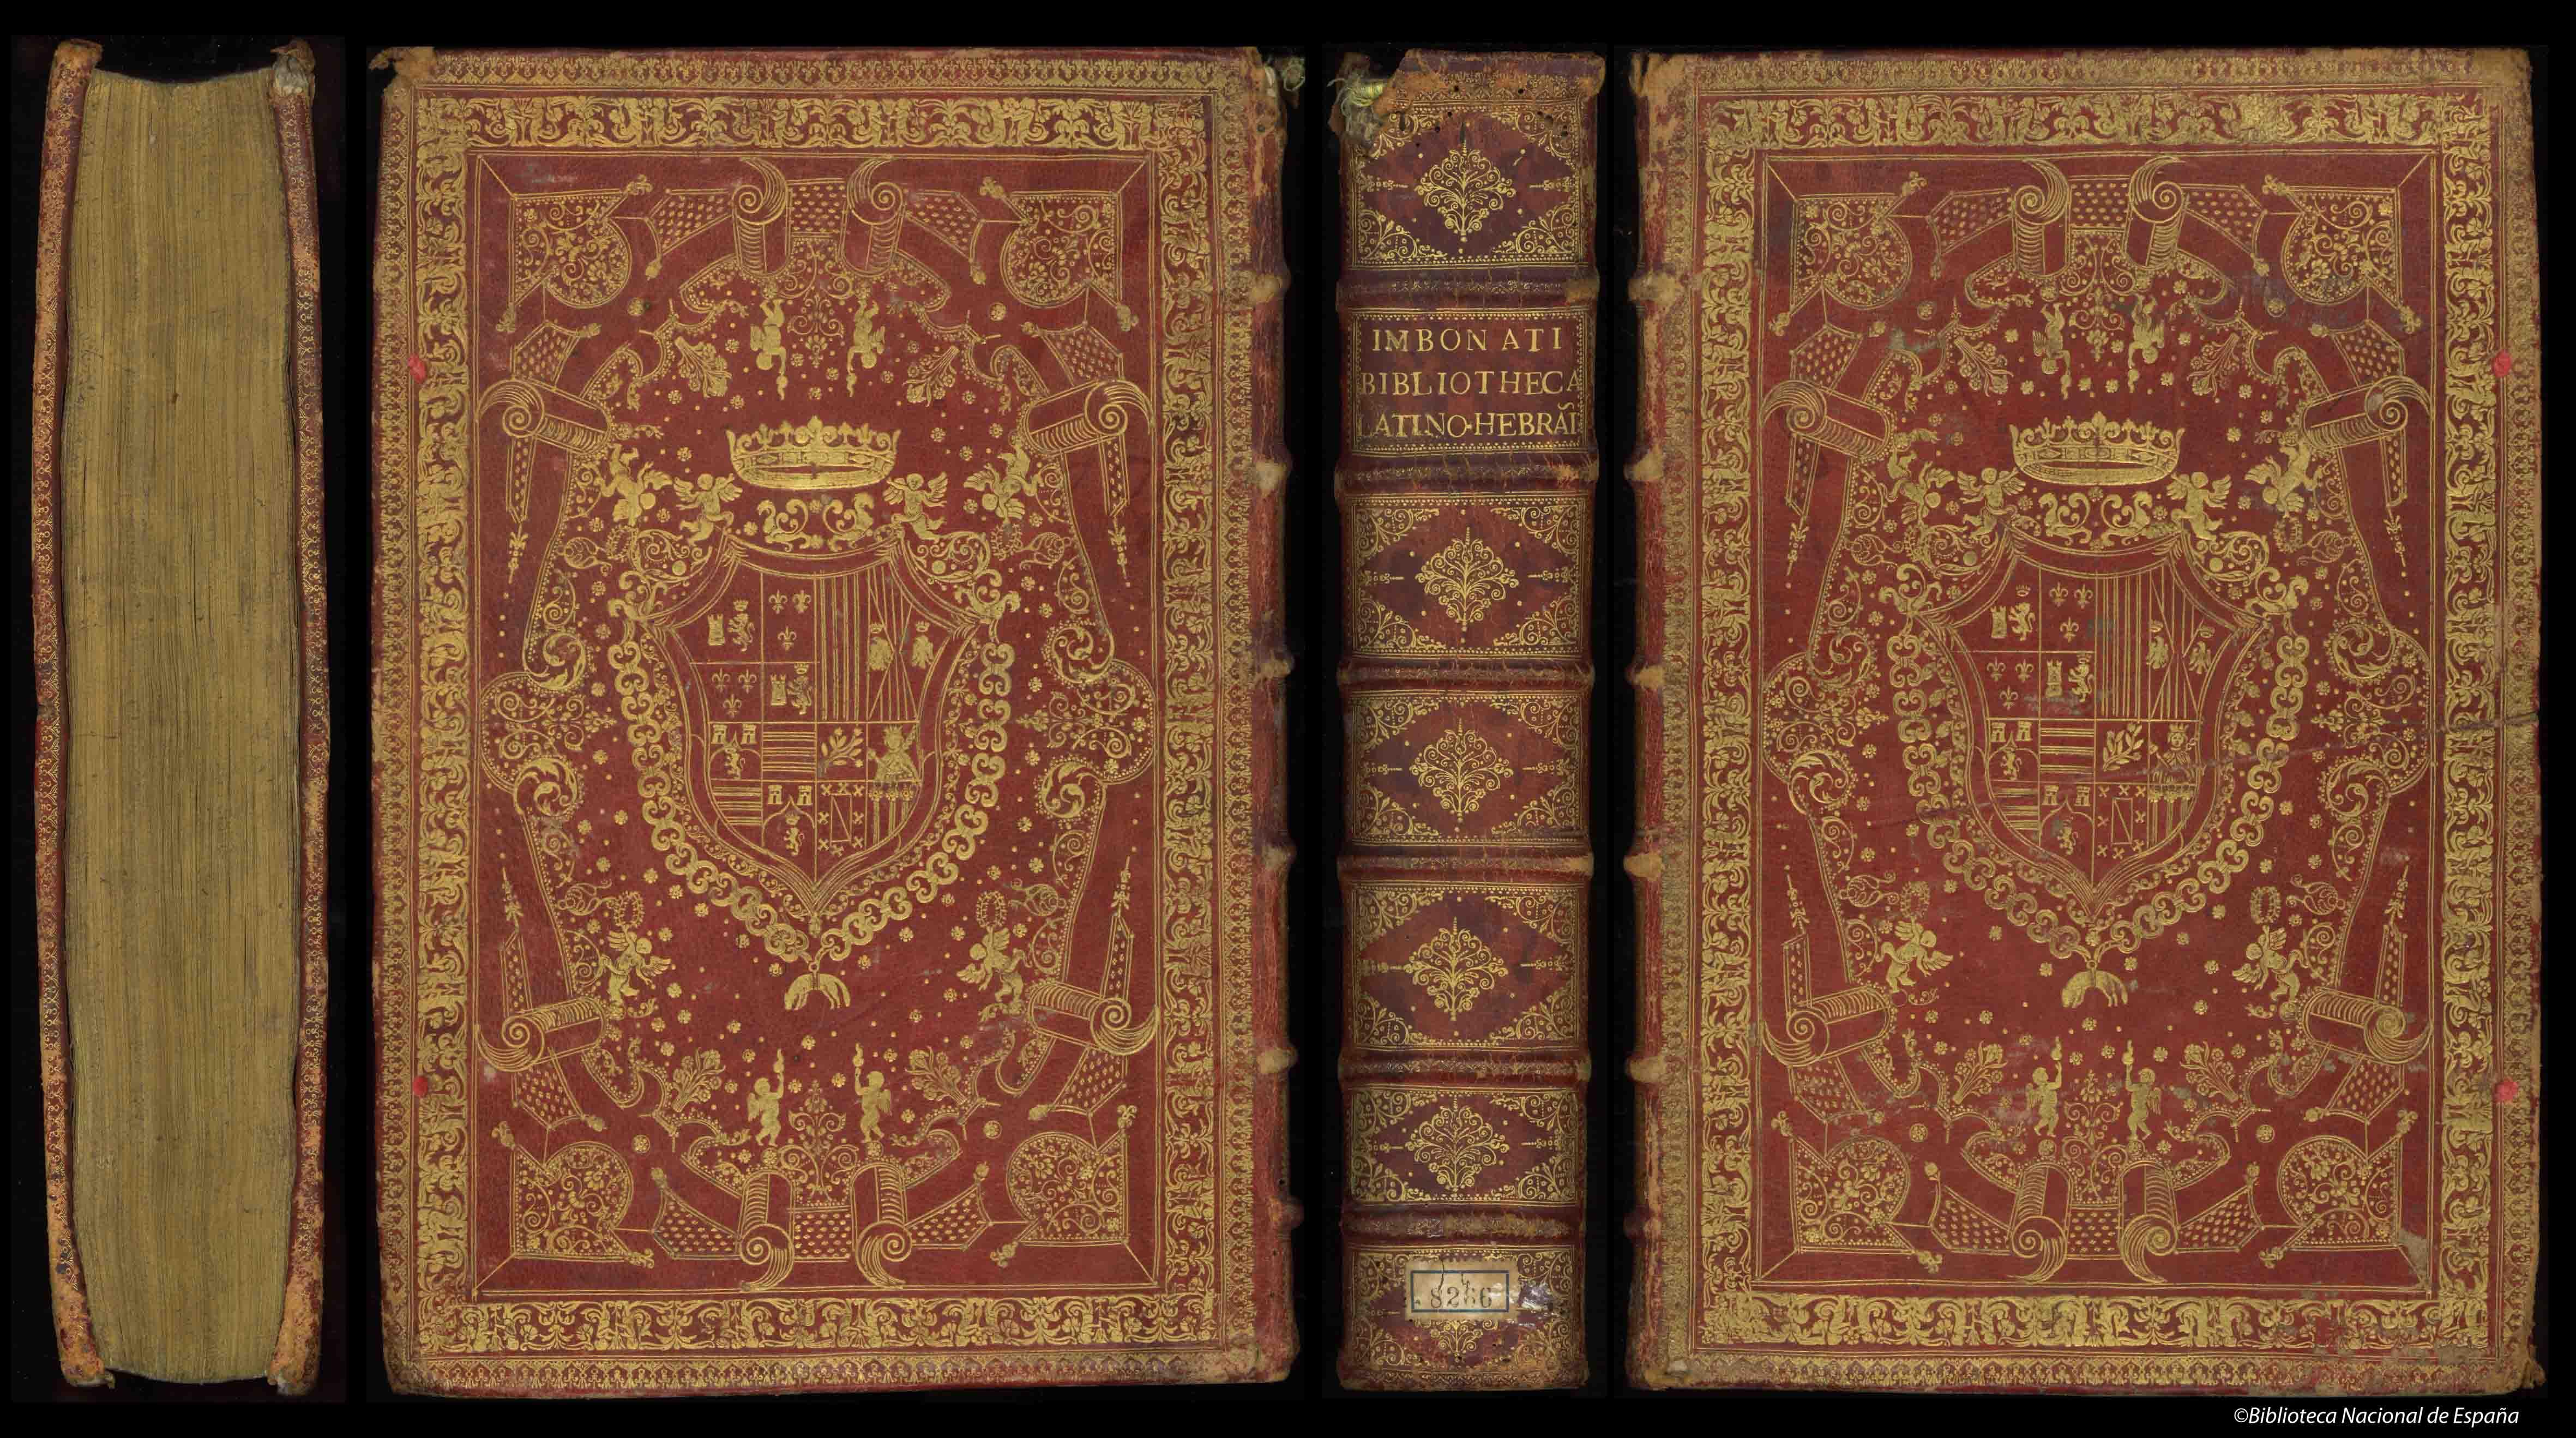 Encuadernación heráldica en piel avellana con hierros dorados en ambas cubiertas y en los cantos ; supralibros central con el escudo de armas del IX Duque de Medinaceli ; lomo cuajado y cortes dorados ; marcas de correíllas de tela